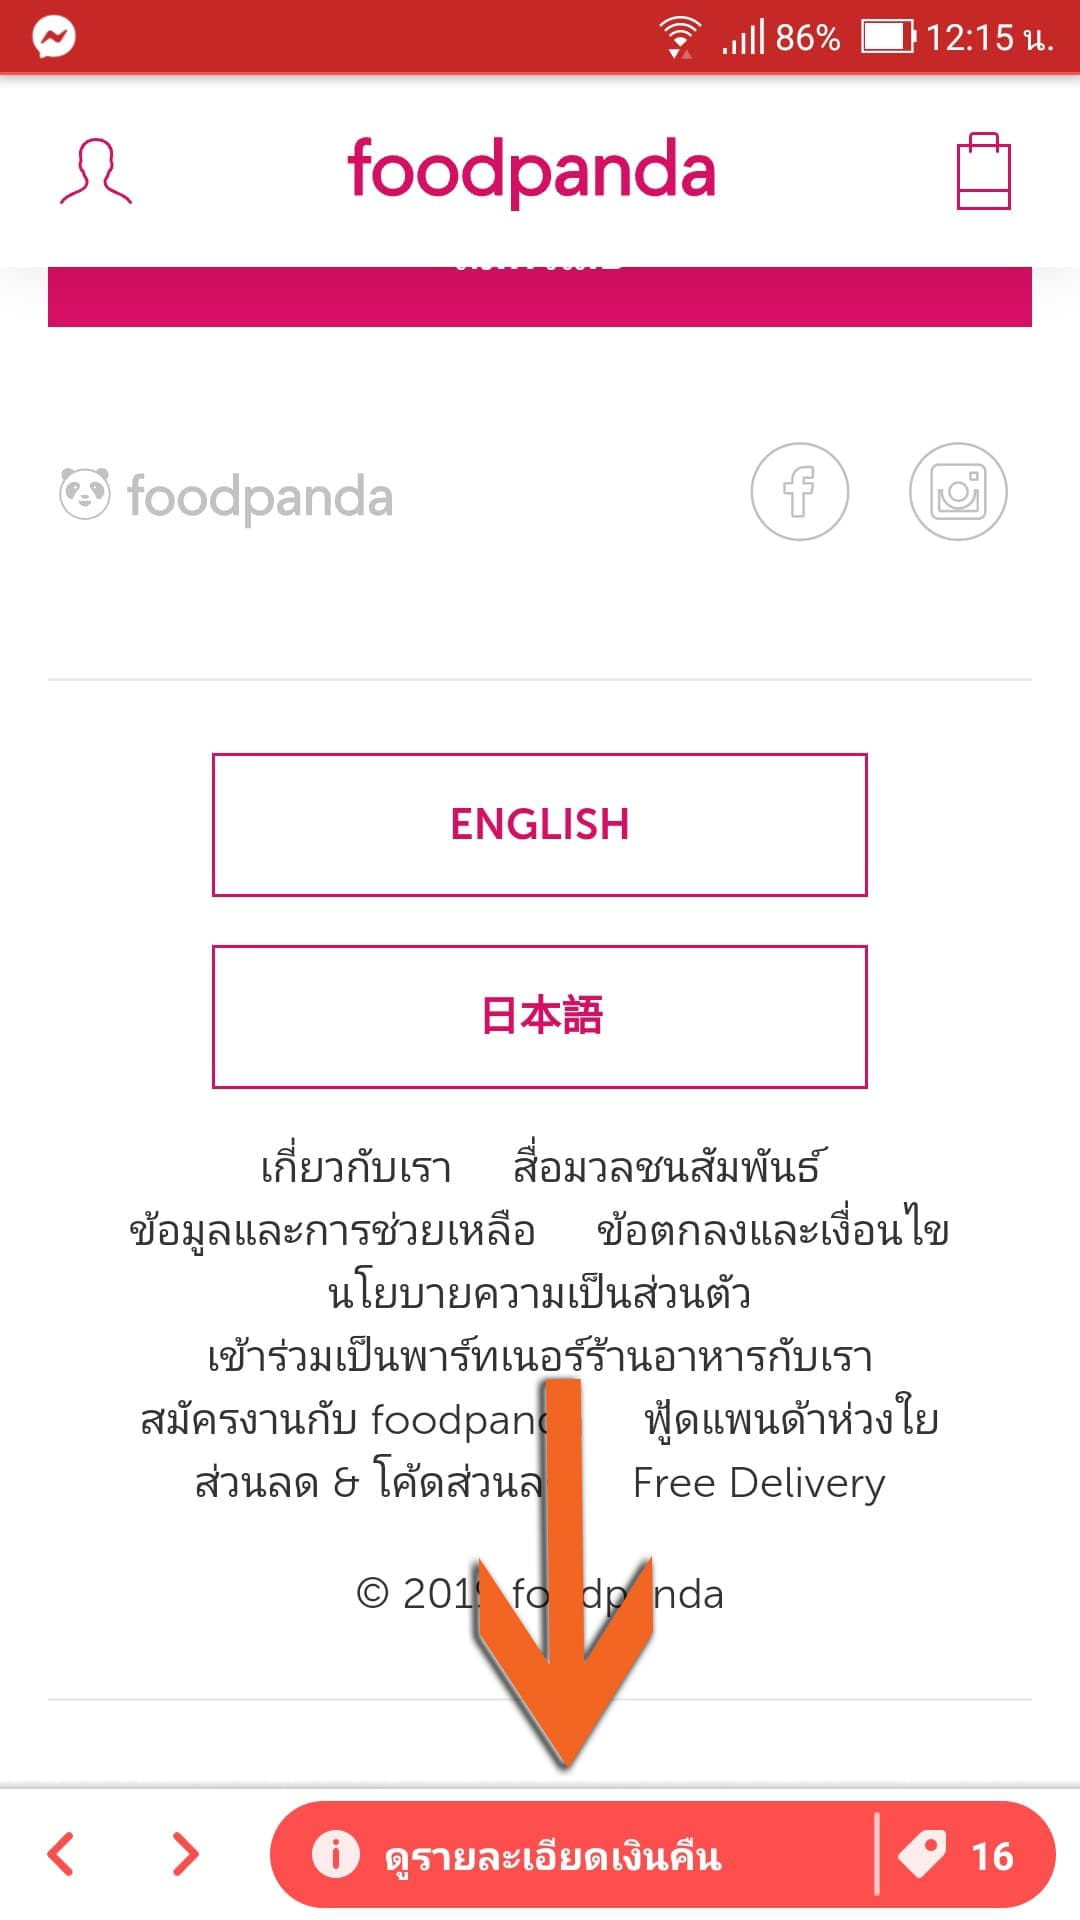 วิธีสั่งอาหาร foodpanda, foodpanda รีวิว